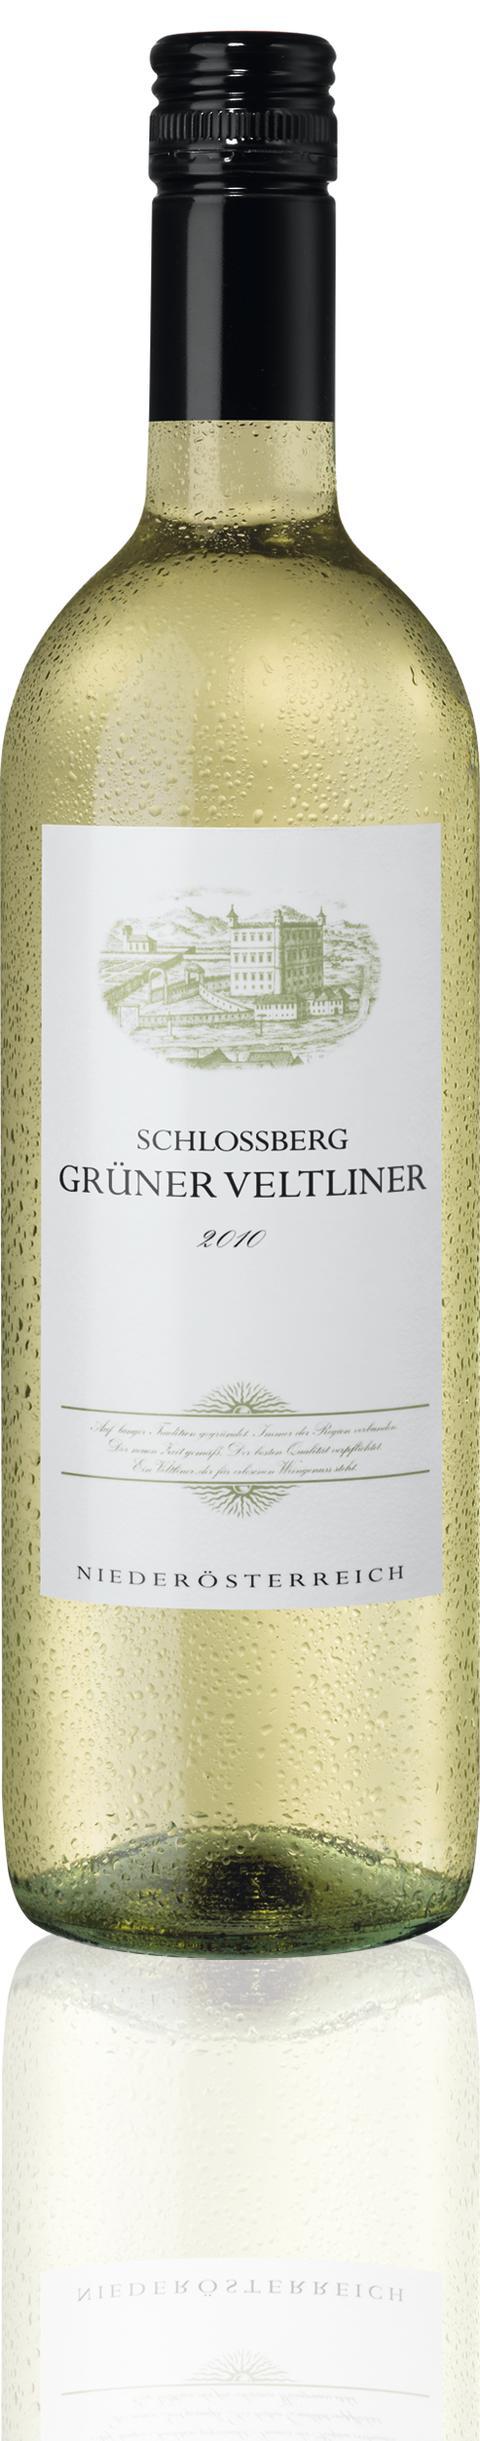 Schlossberg Grüner Veltliner